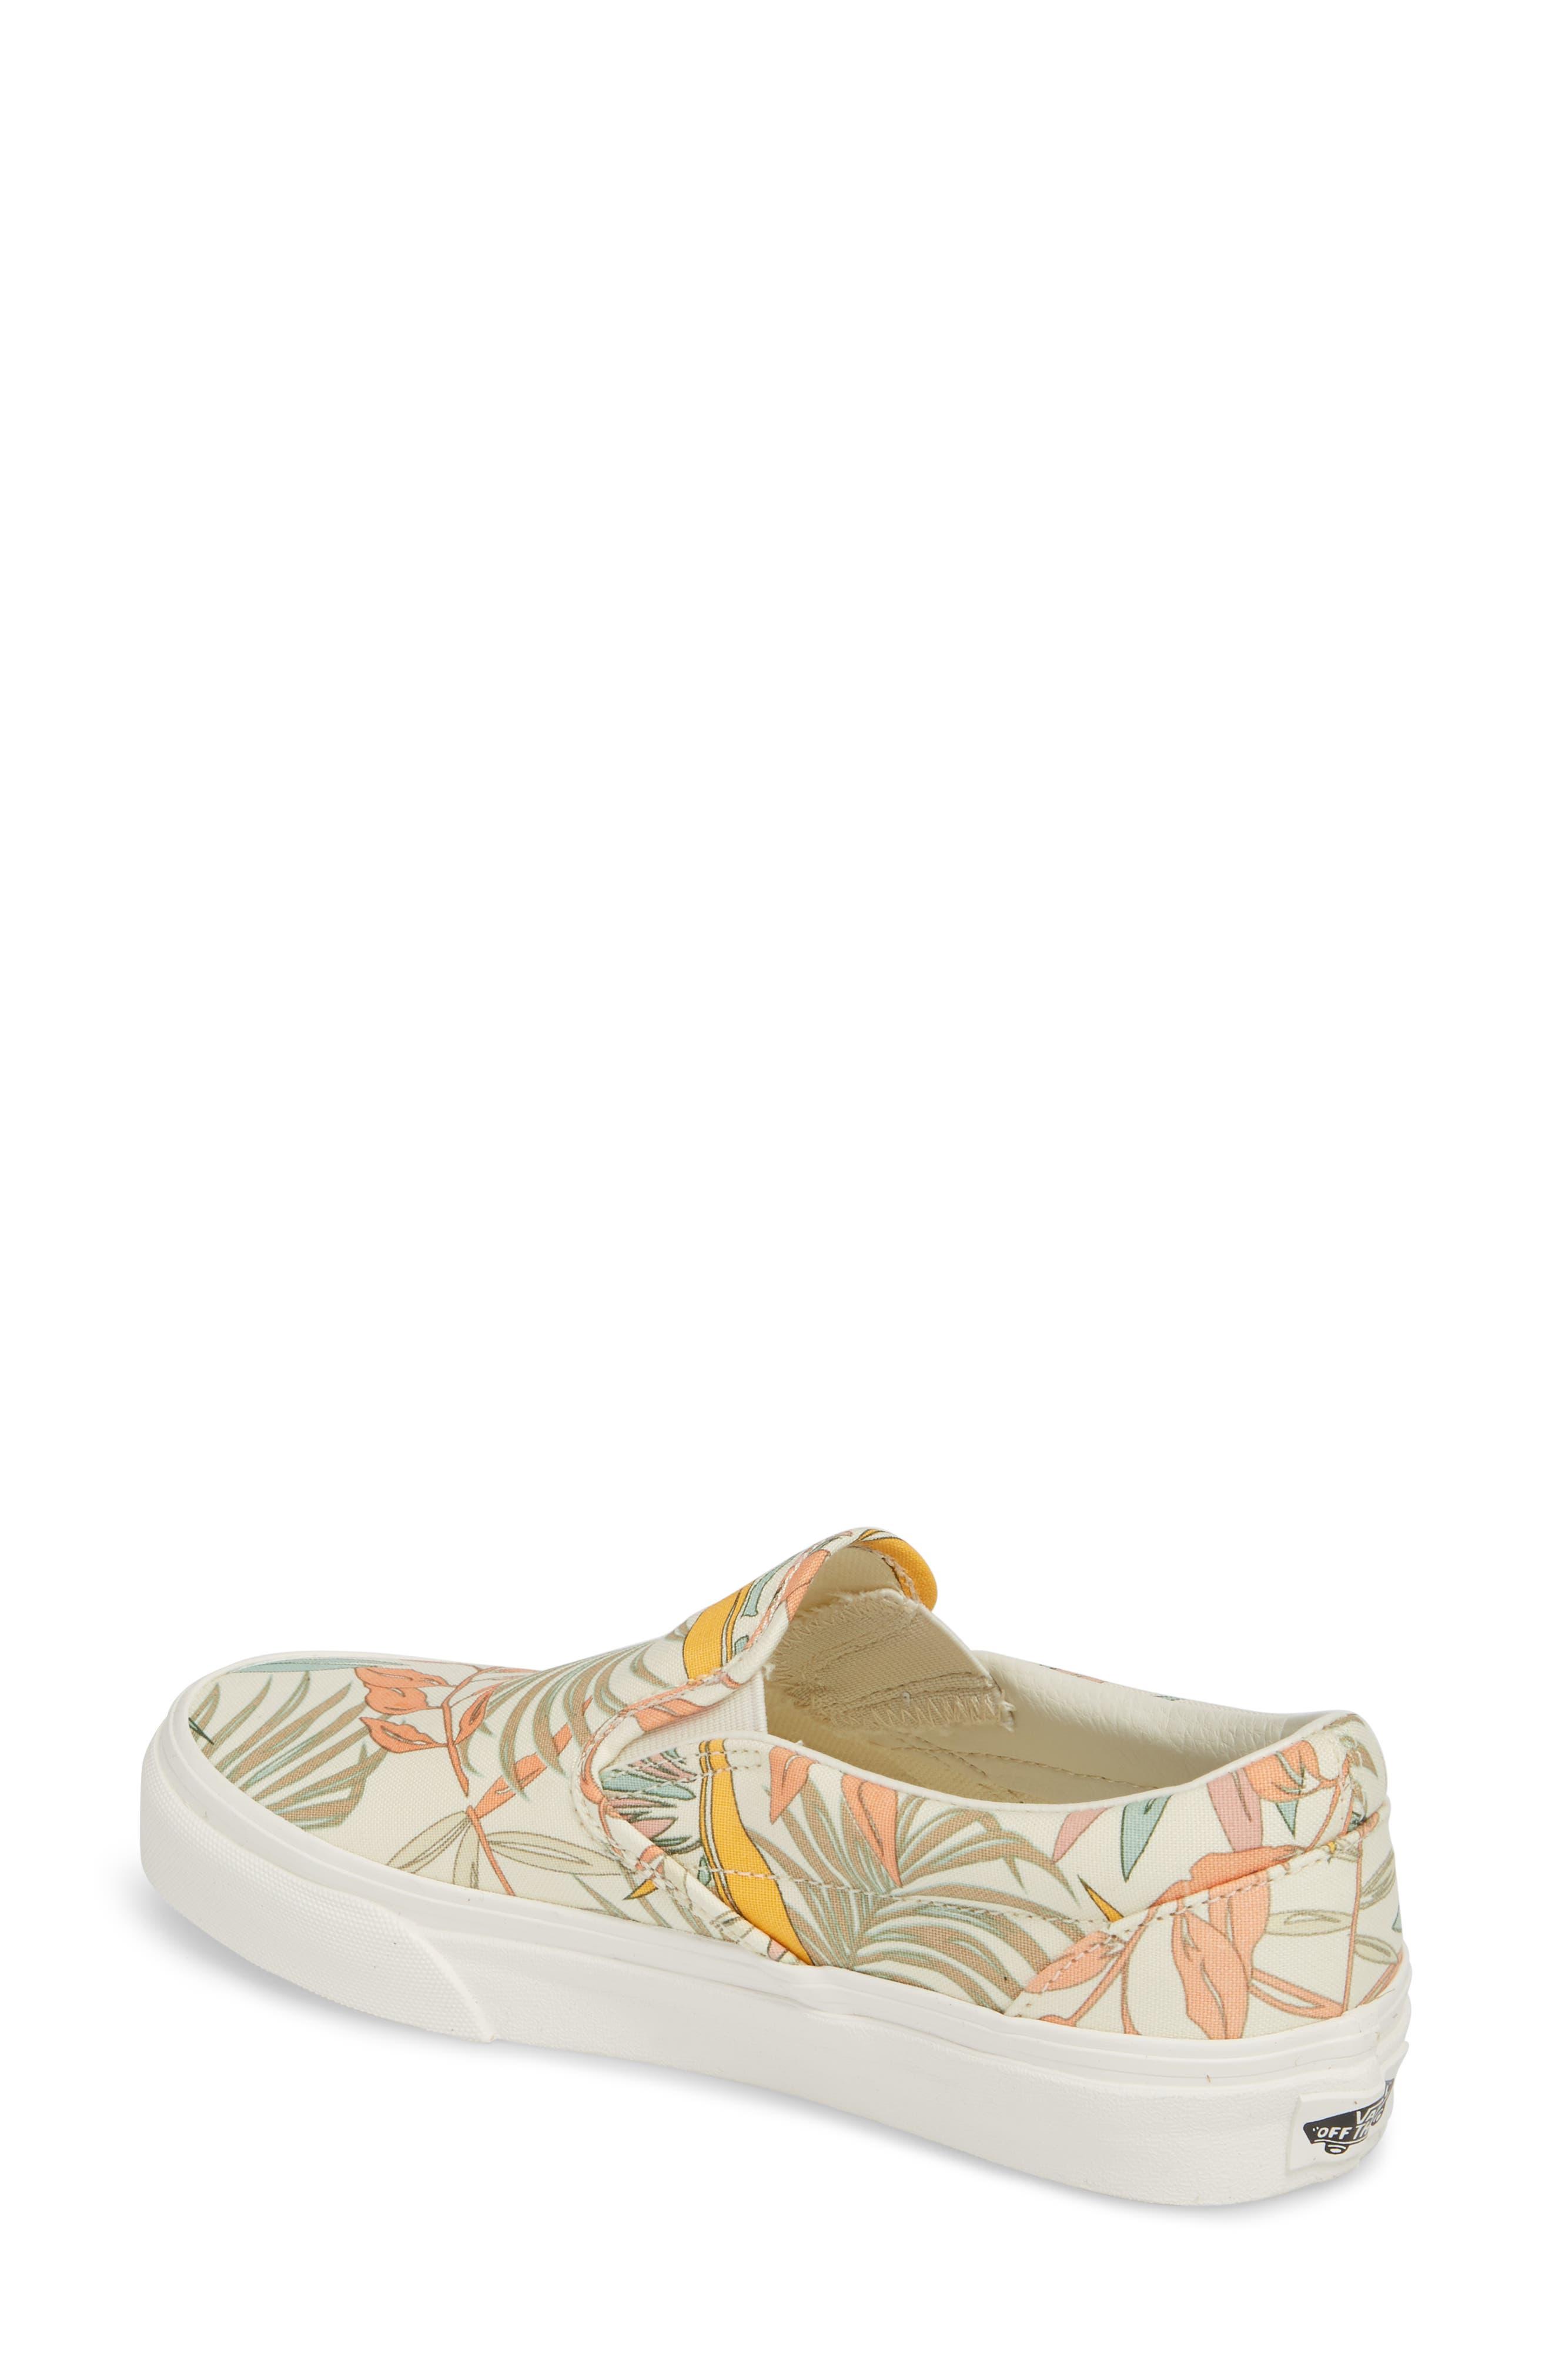 ,                             Classic Slip-On Sneaker,                             Alternate thumbnail 124, color,                             251